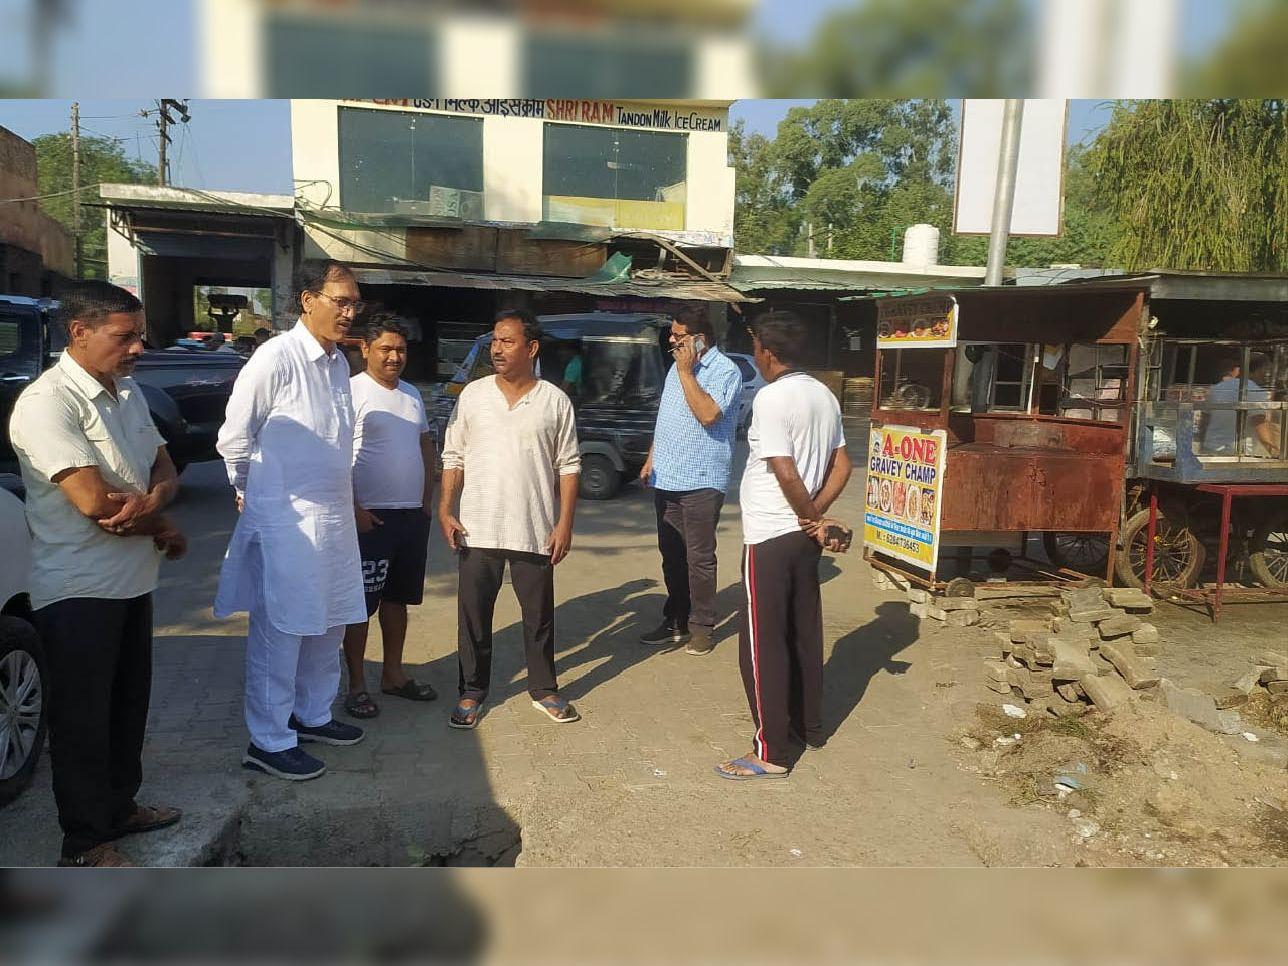 डेंगू से बचाव के लिए नगर कौंसिल ने चलाया सफाई अभियान , रेहड़ी चालकों को डस्टबिन रखना जरूरी कचरा बाहर फेंकने पर होगी कार्रवाई अमृतसर,Amritsar - Dainik Bhaskar